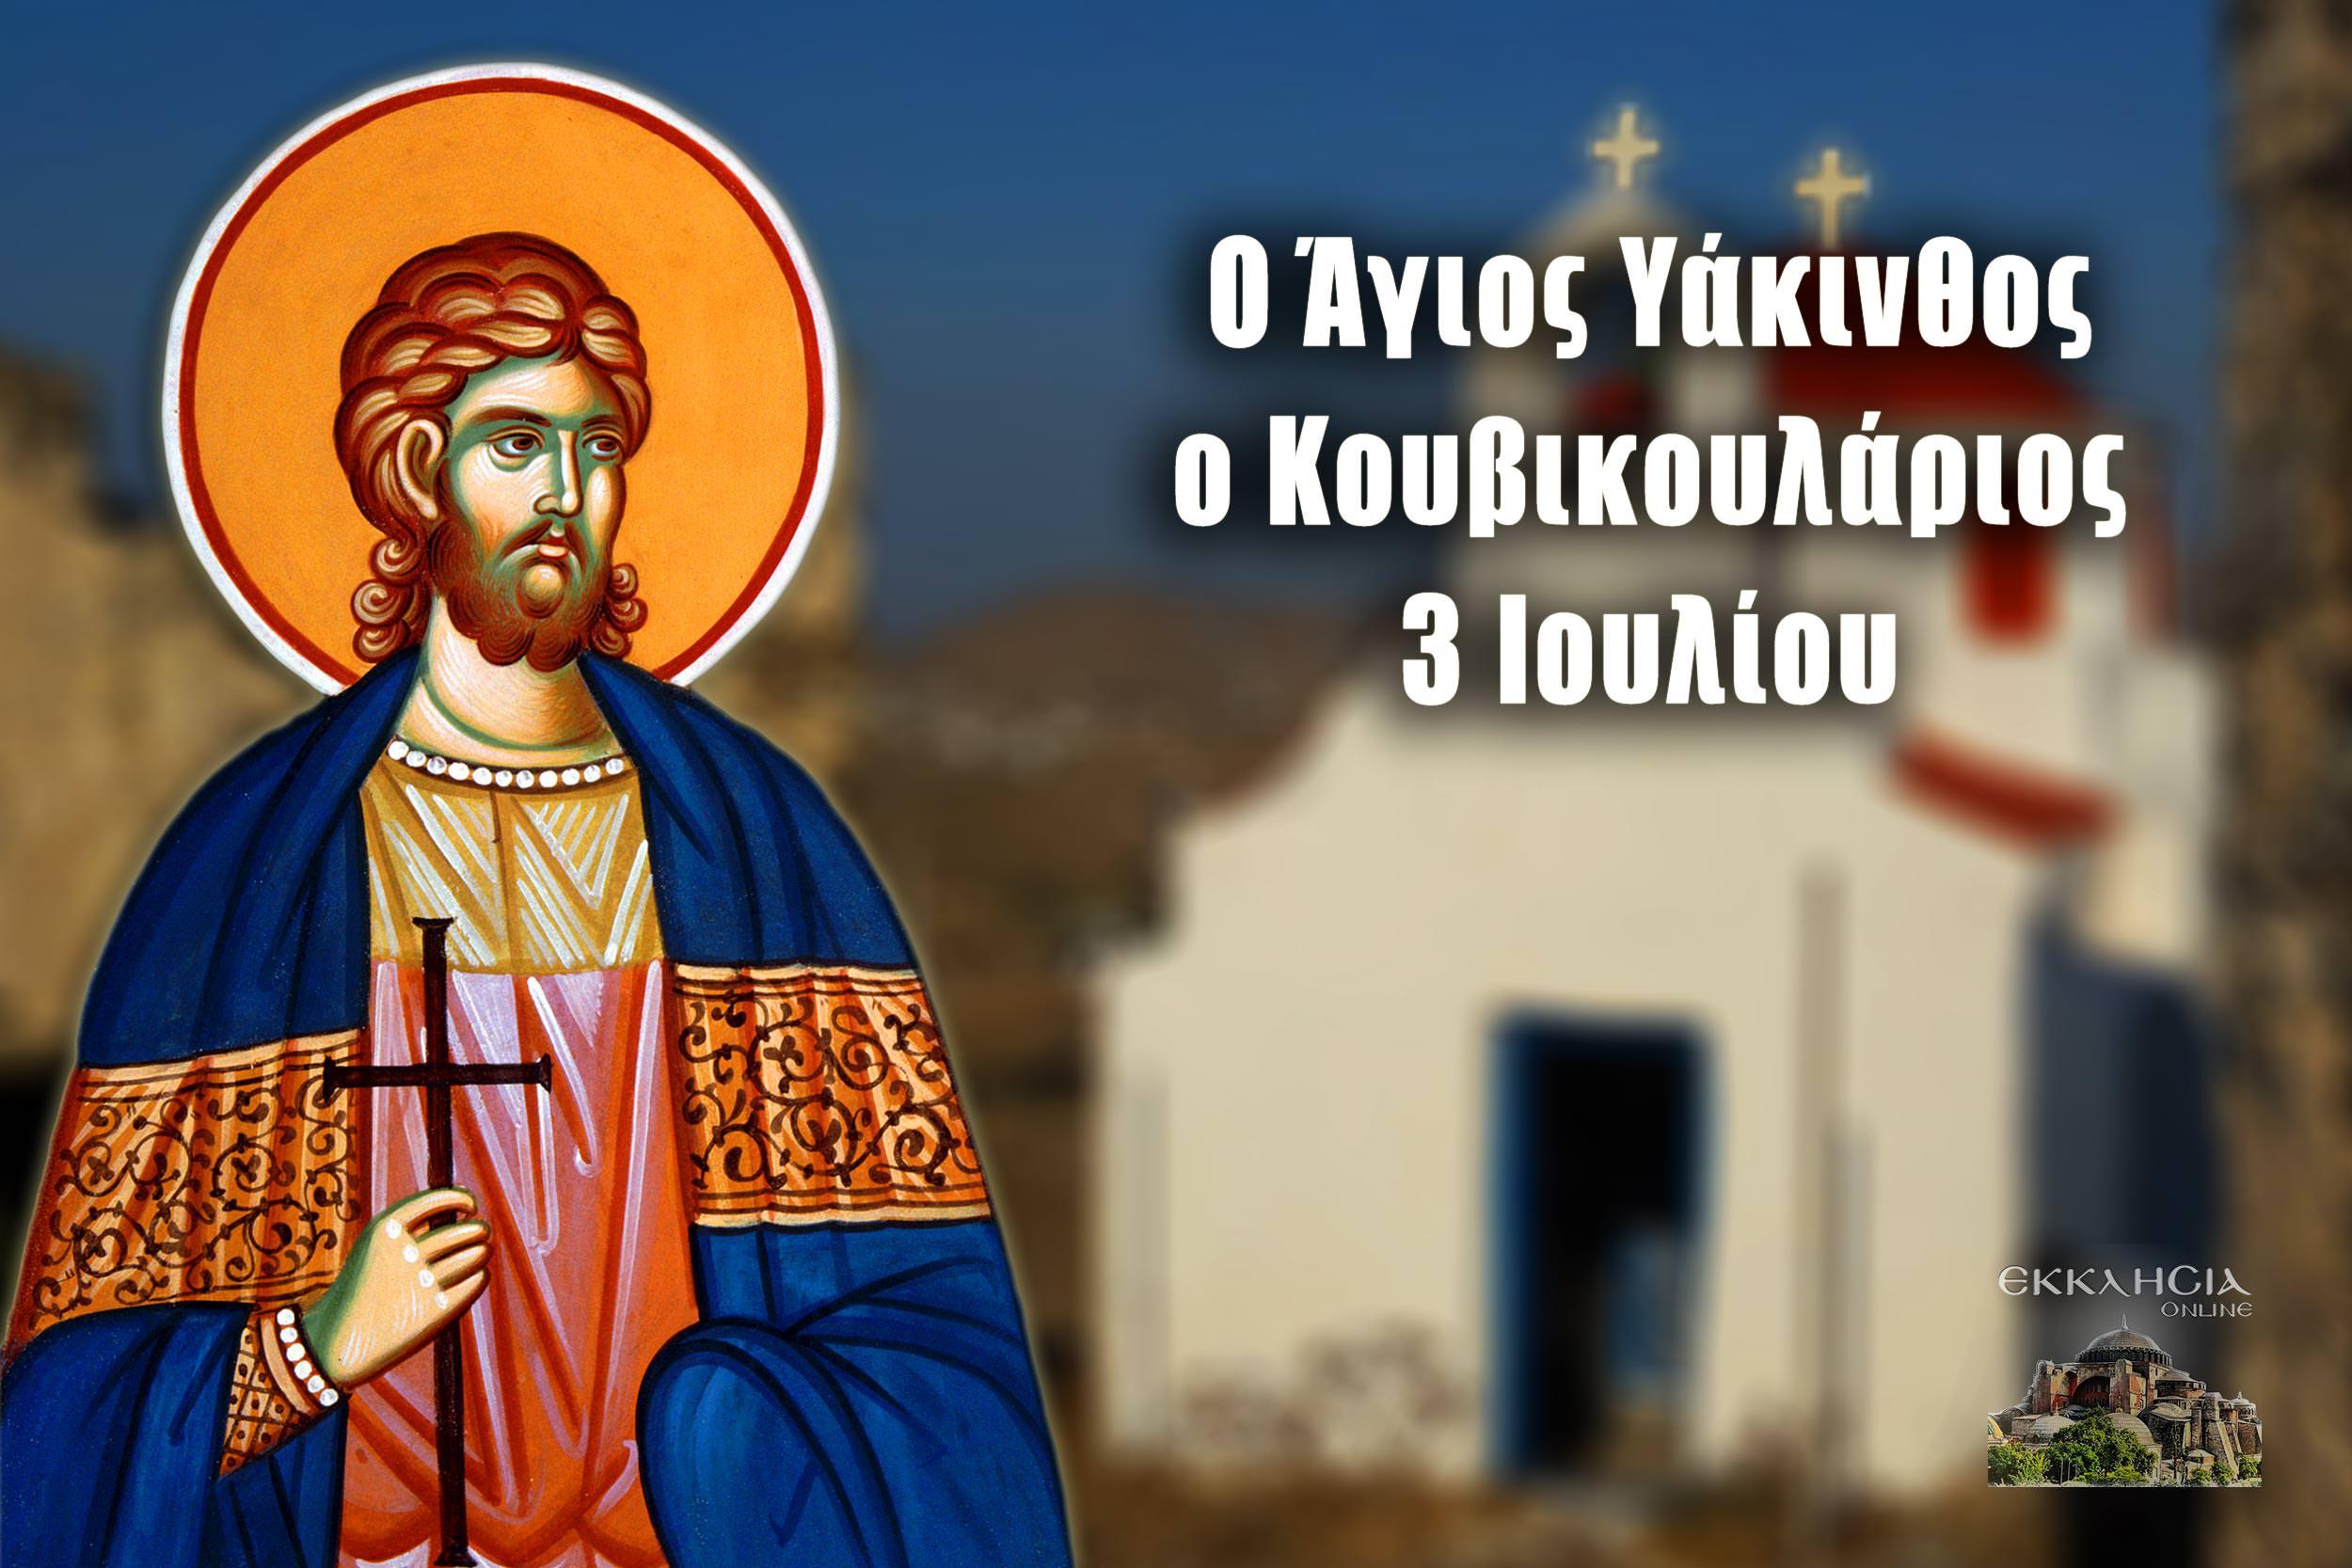 Άγιος Υάκινθος κουβικουλάριος 3 Ιουλίου